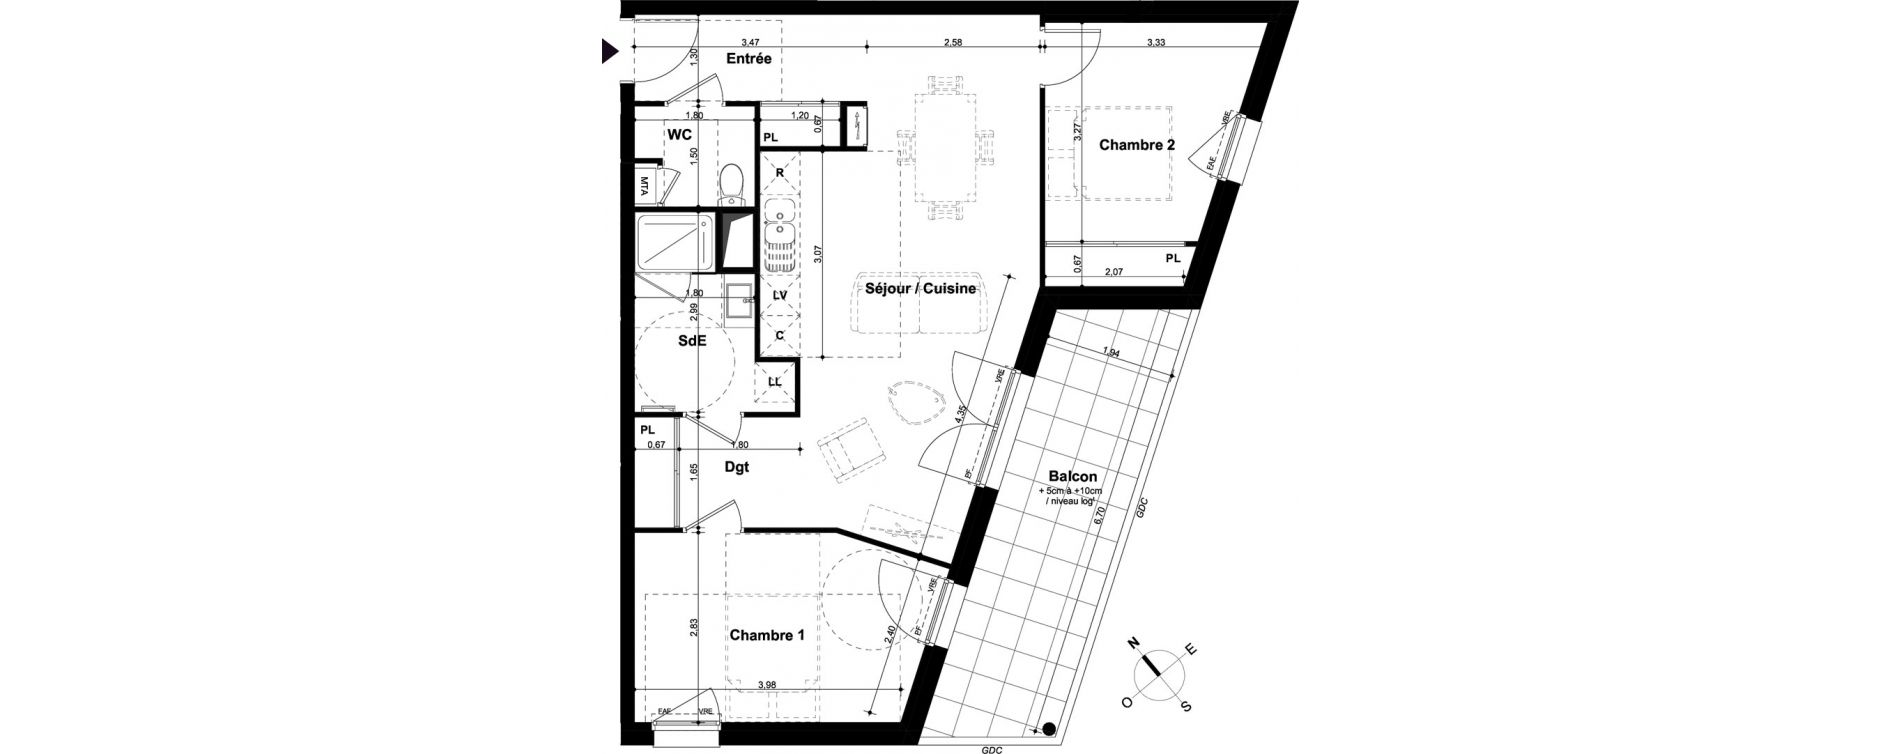 Appartement T3 de 65,42 m2 à Angers Hauts de saint-aubin